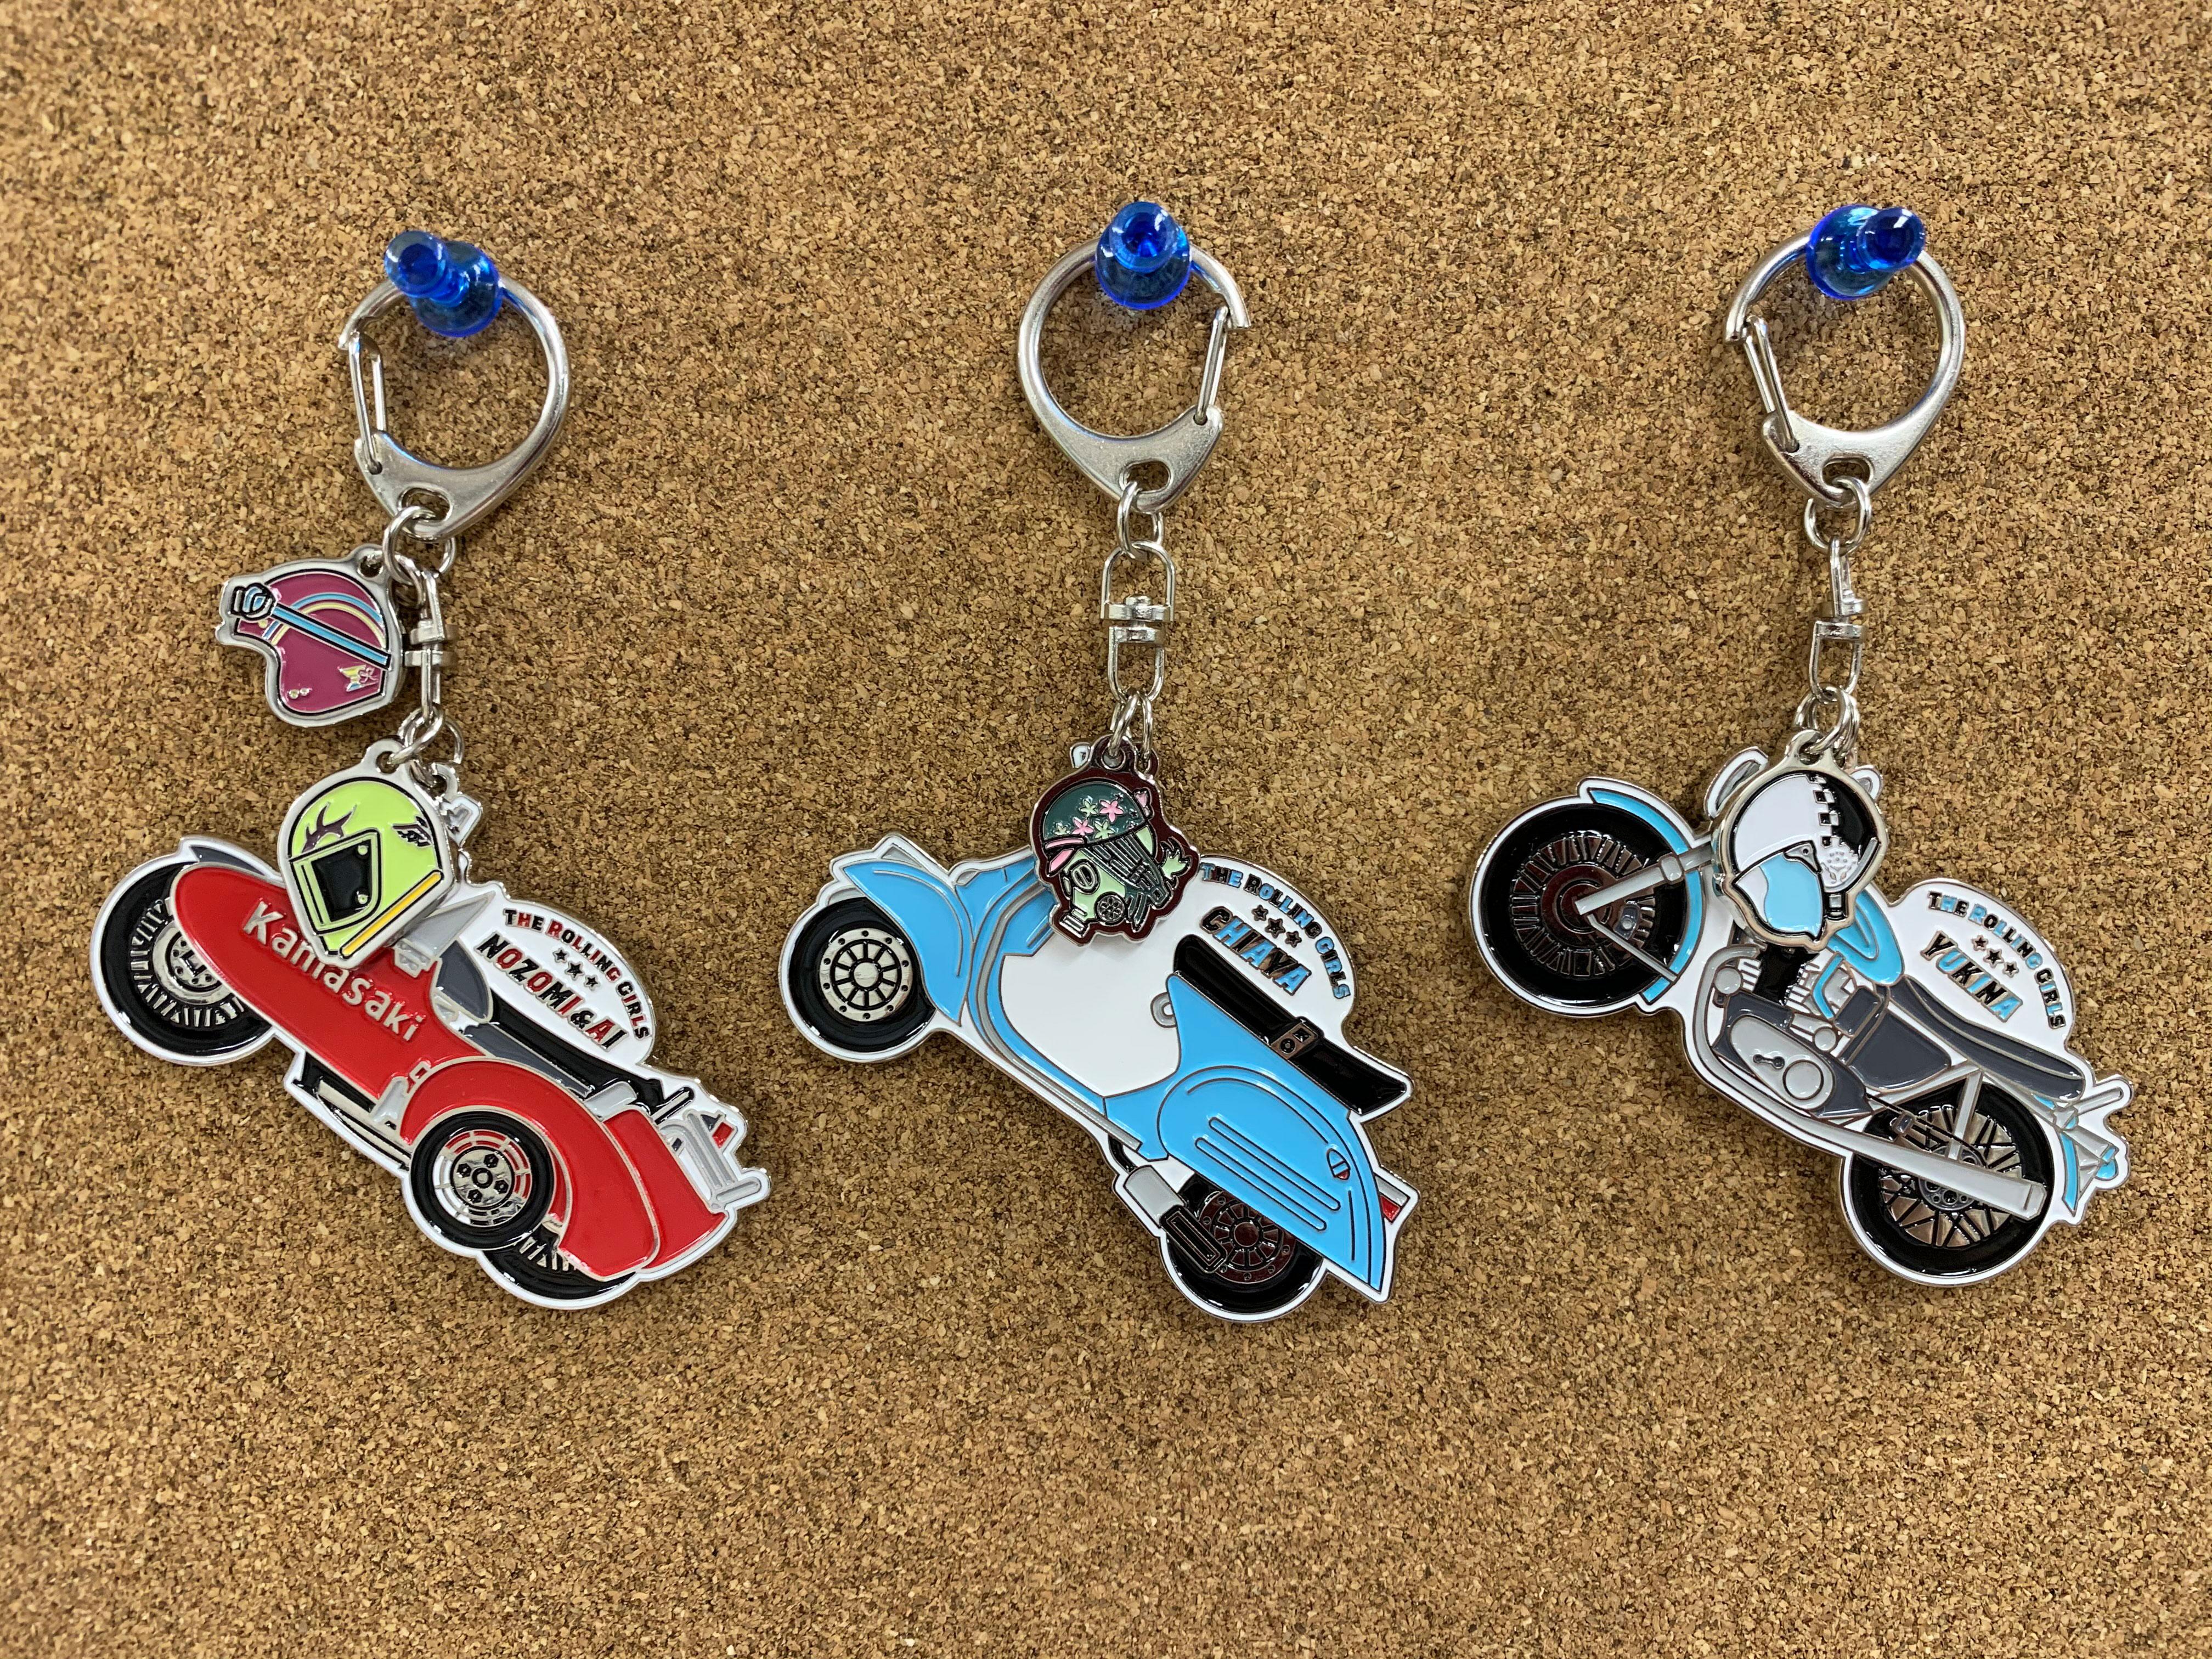 ローリング☆ガールズ バイクキーホルダー(全3種)